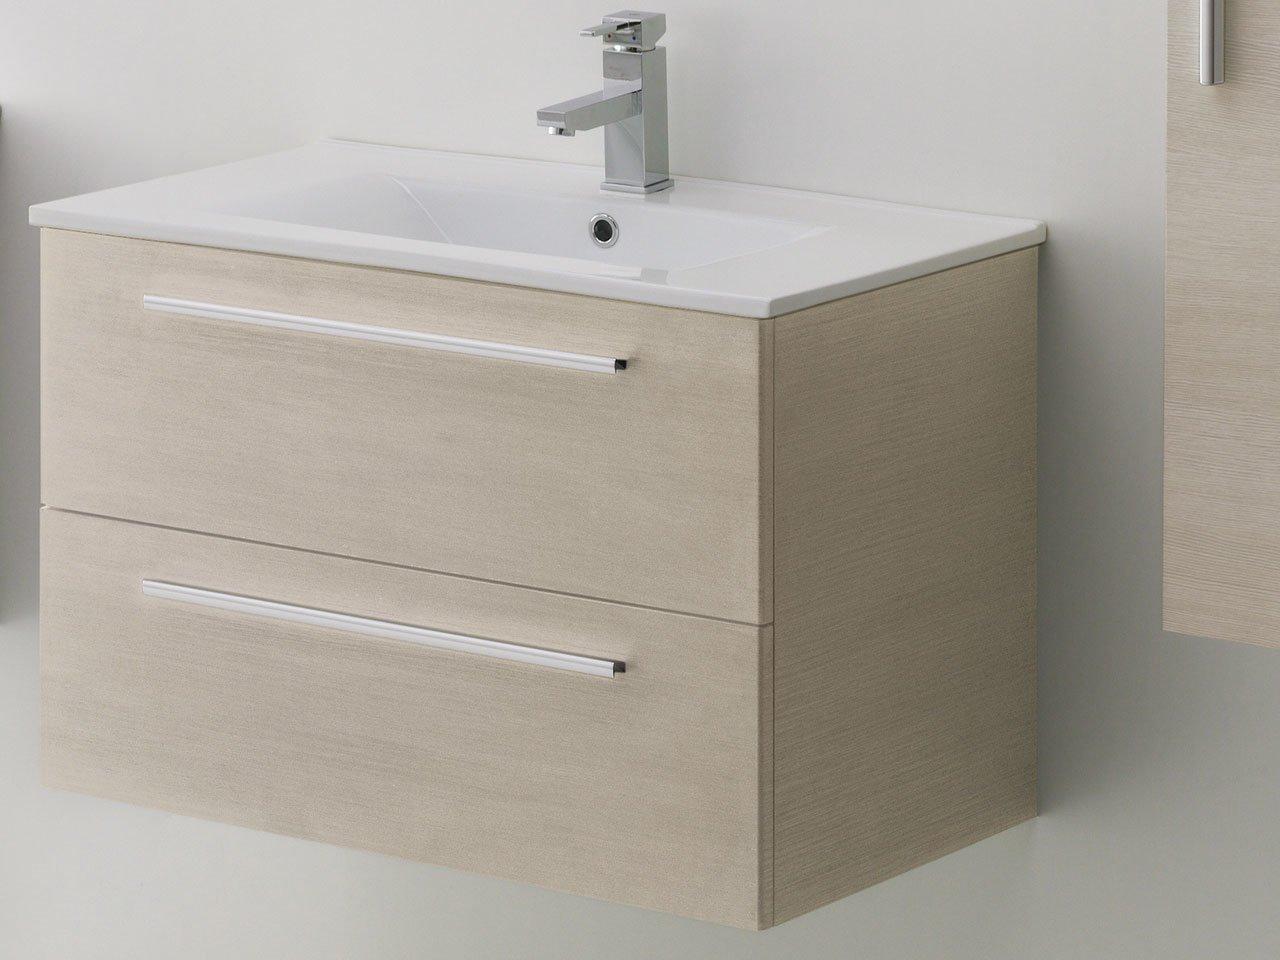 Plafoniera bianca vetro led - Iperceramica mobili bagno ...